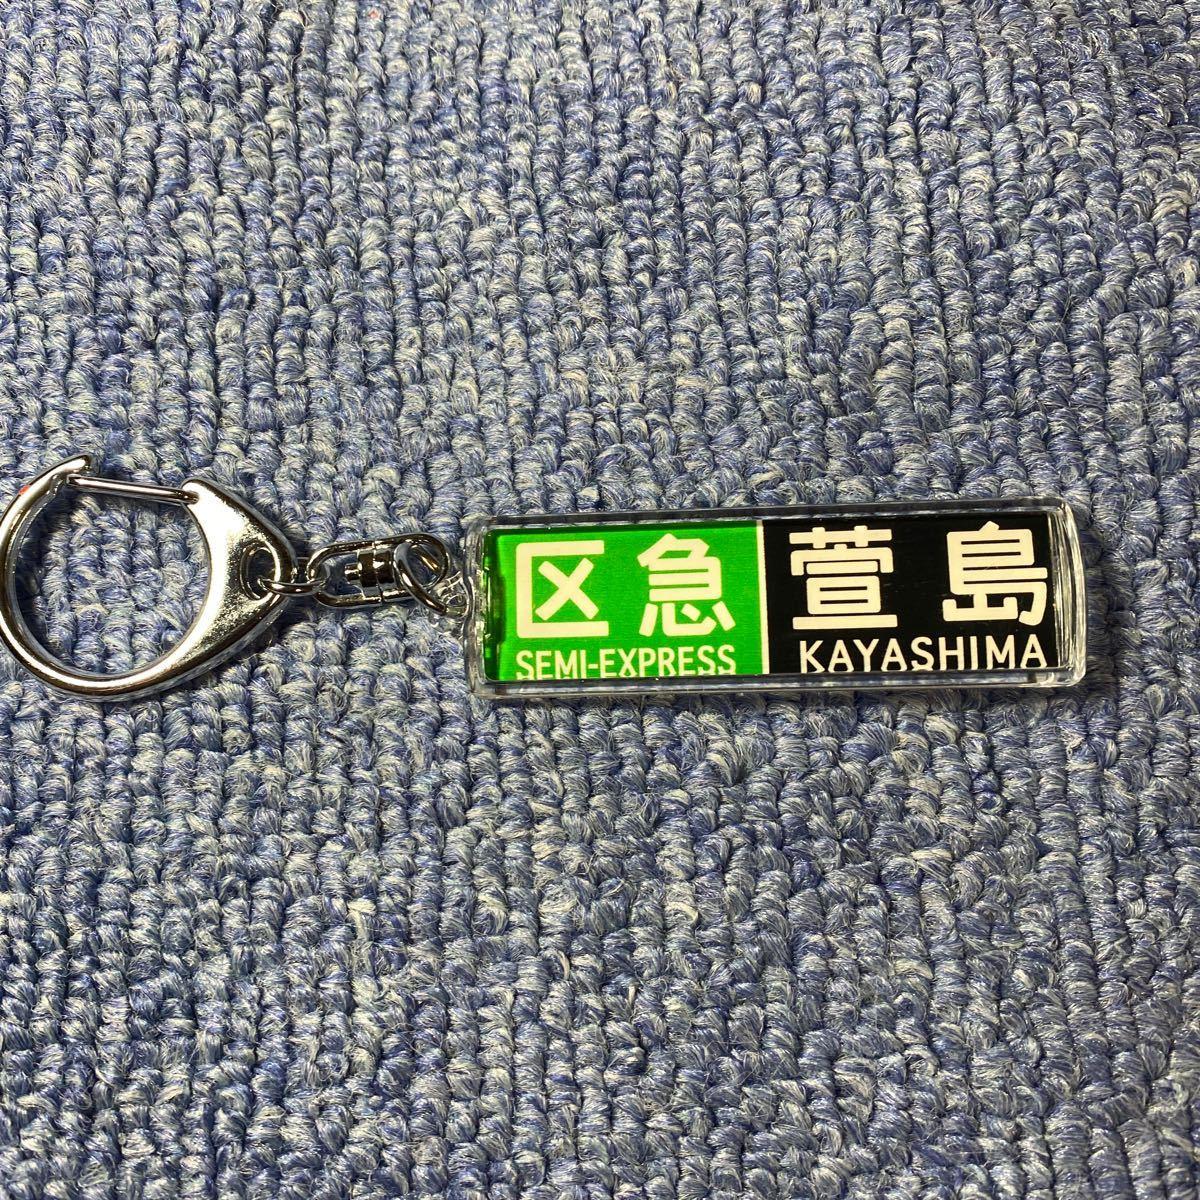 行先表示表 キーホルダー 区急 萱島 電車 鉄道グッズ コレクション レア 未使用_画像1